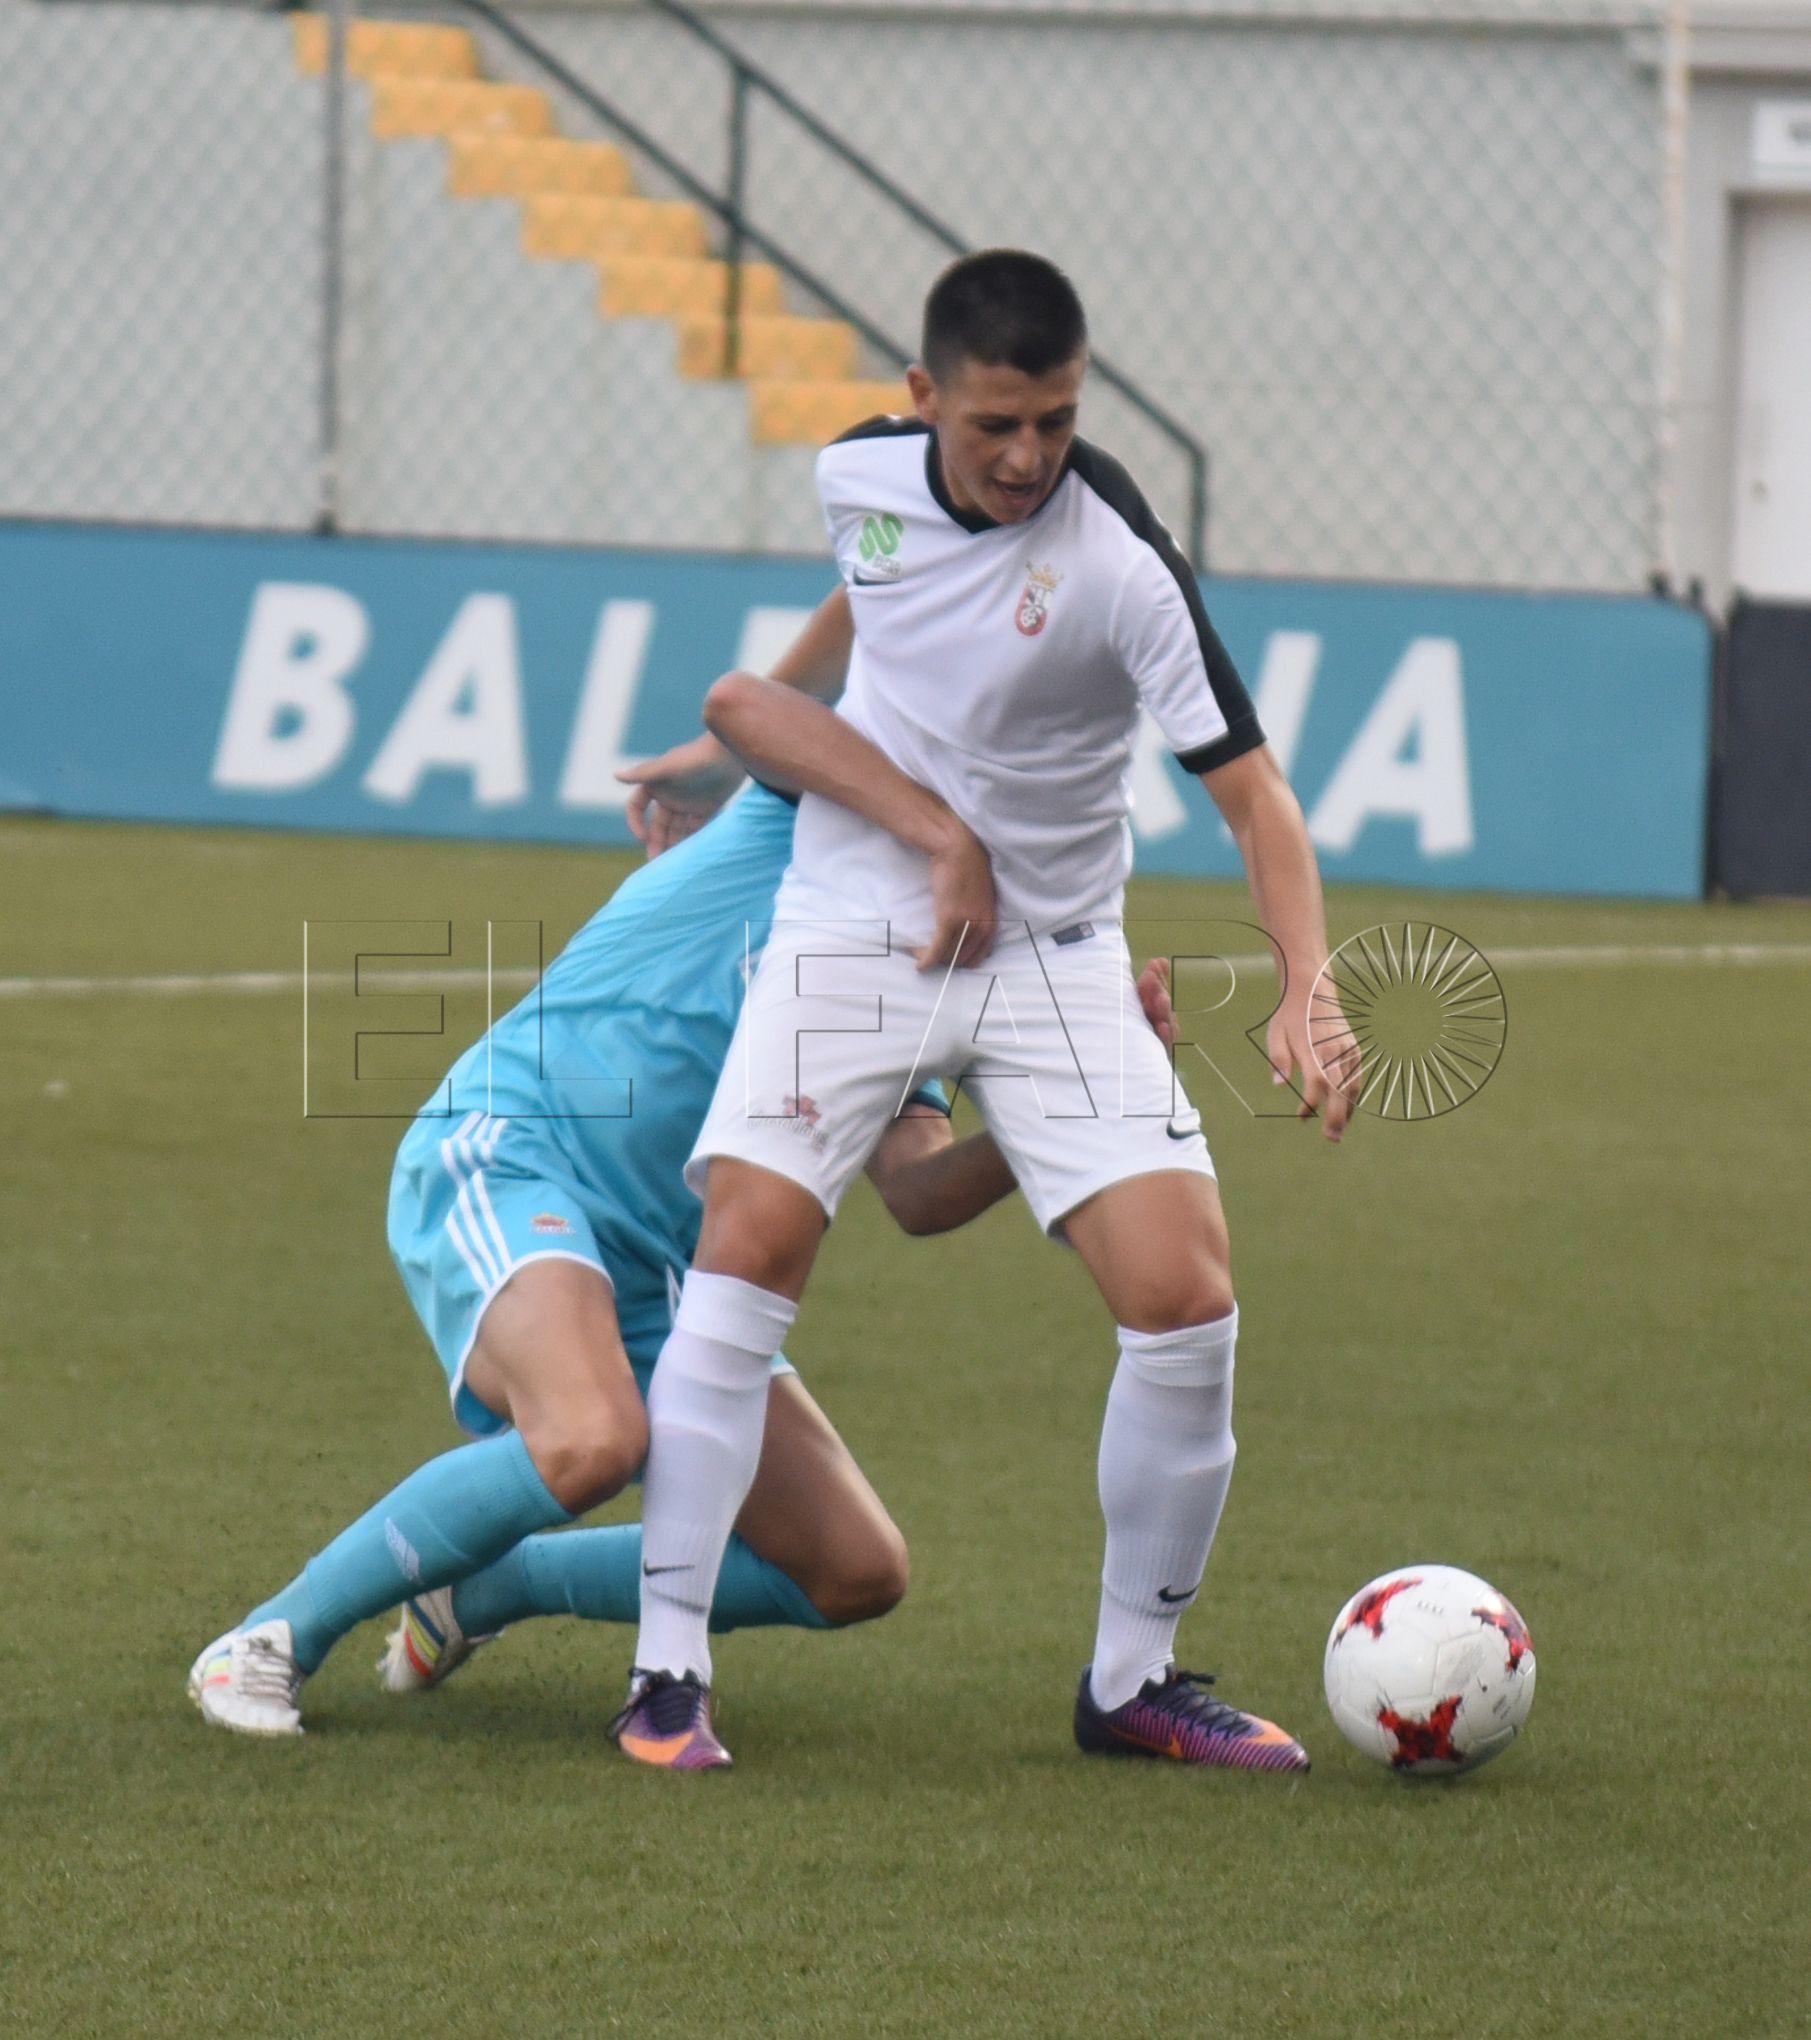 Jugará el lunes en Marruecos